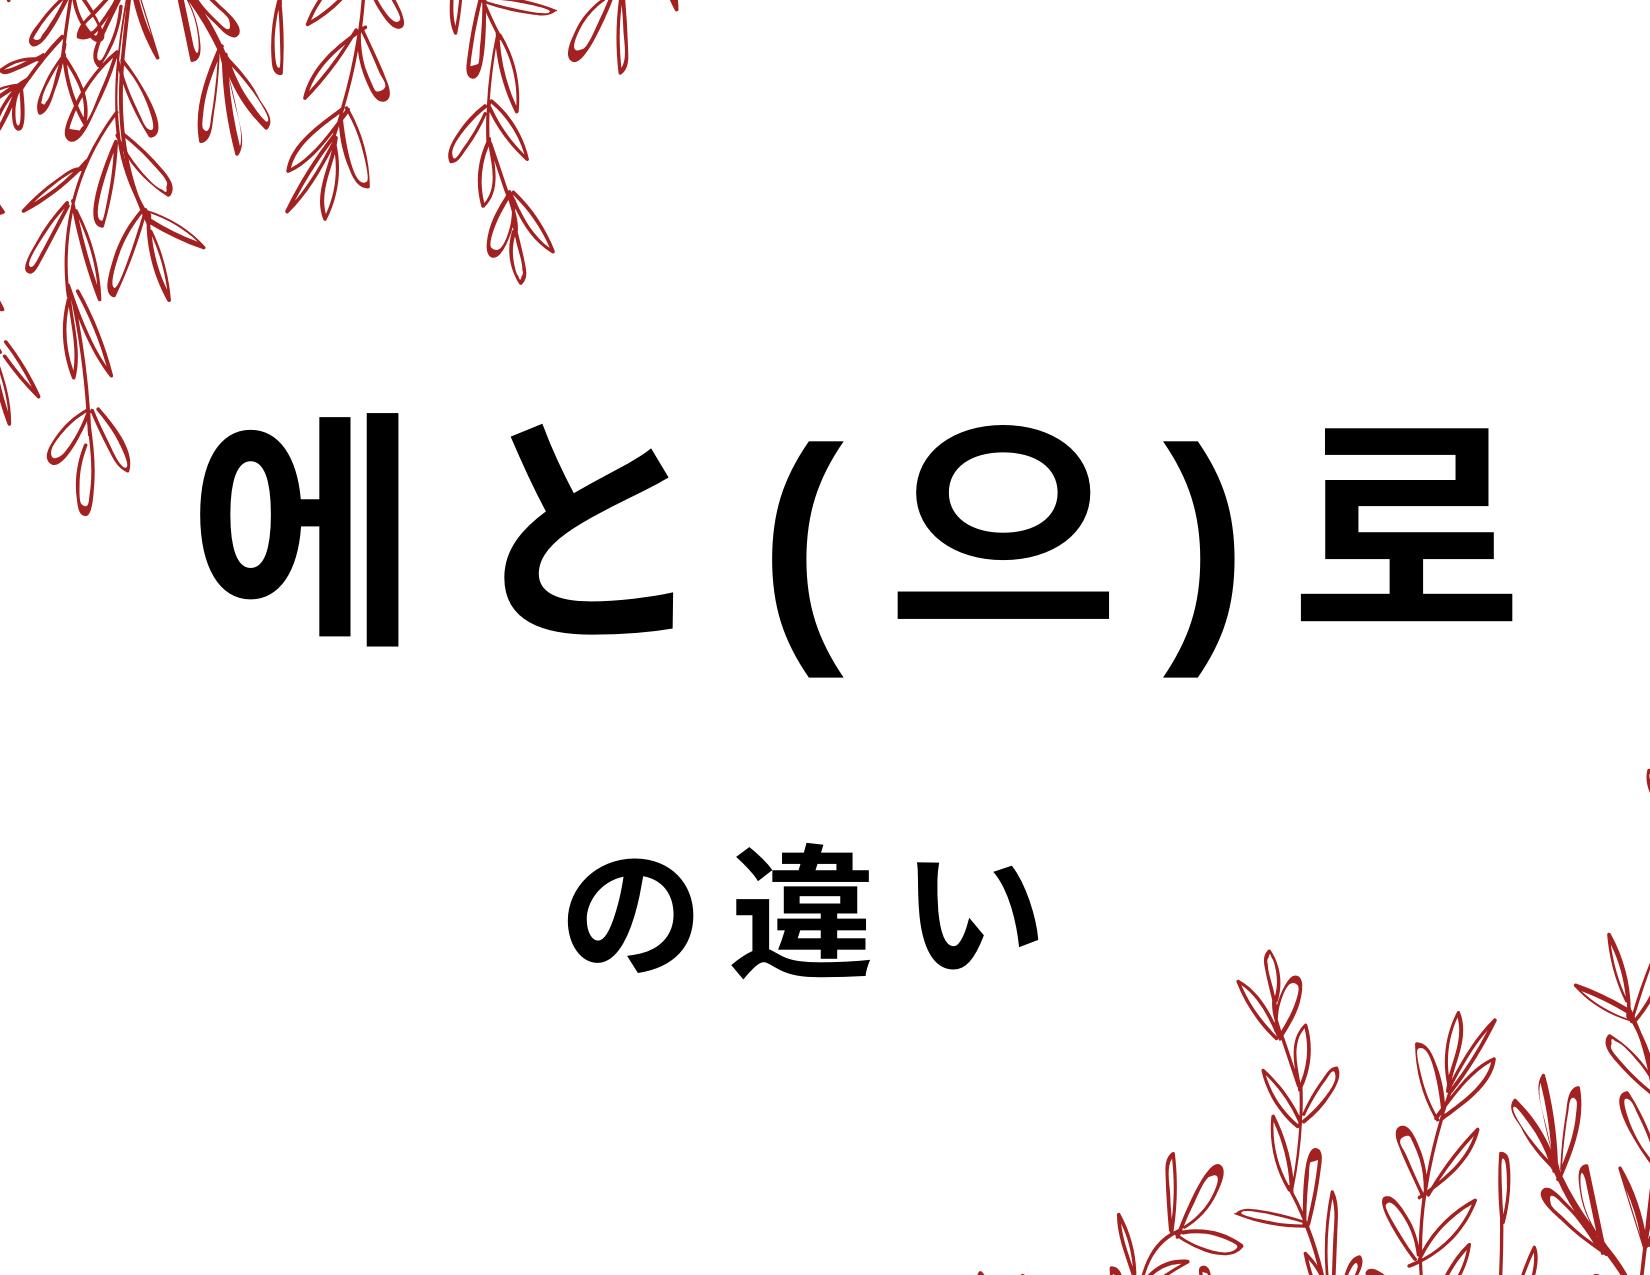 韓国 語 オプソ